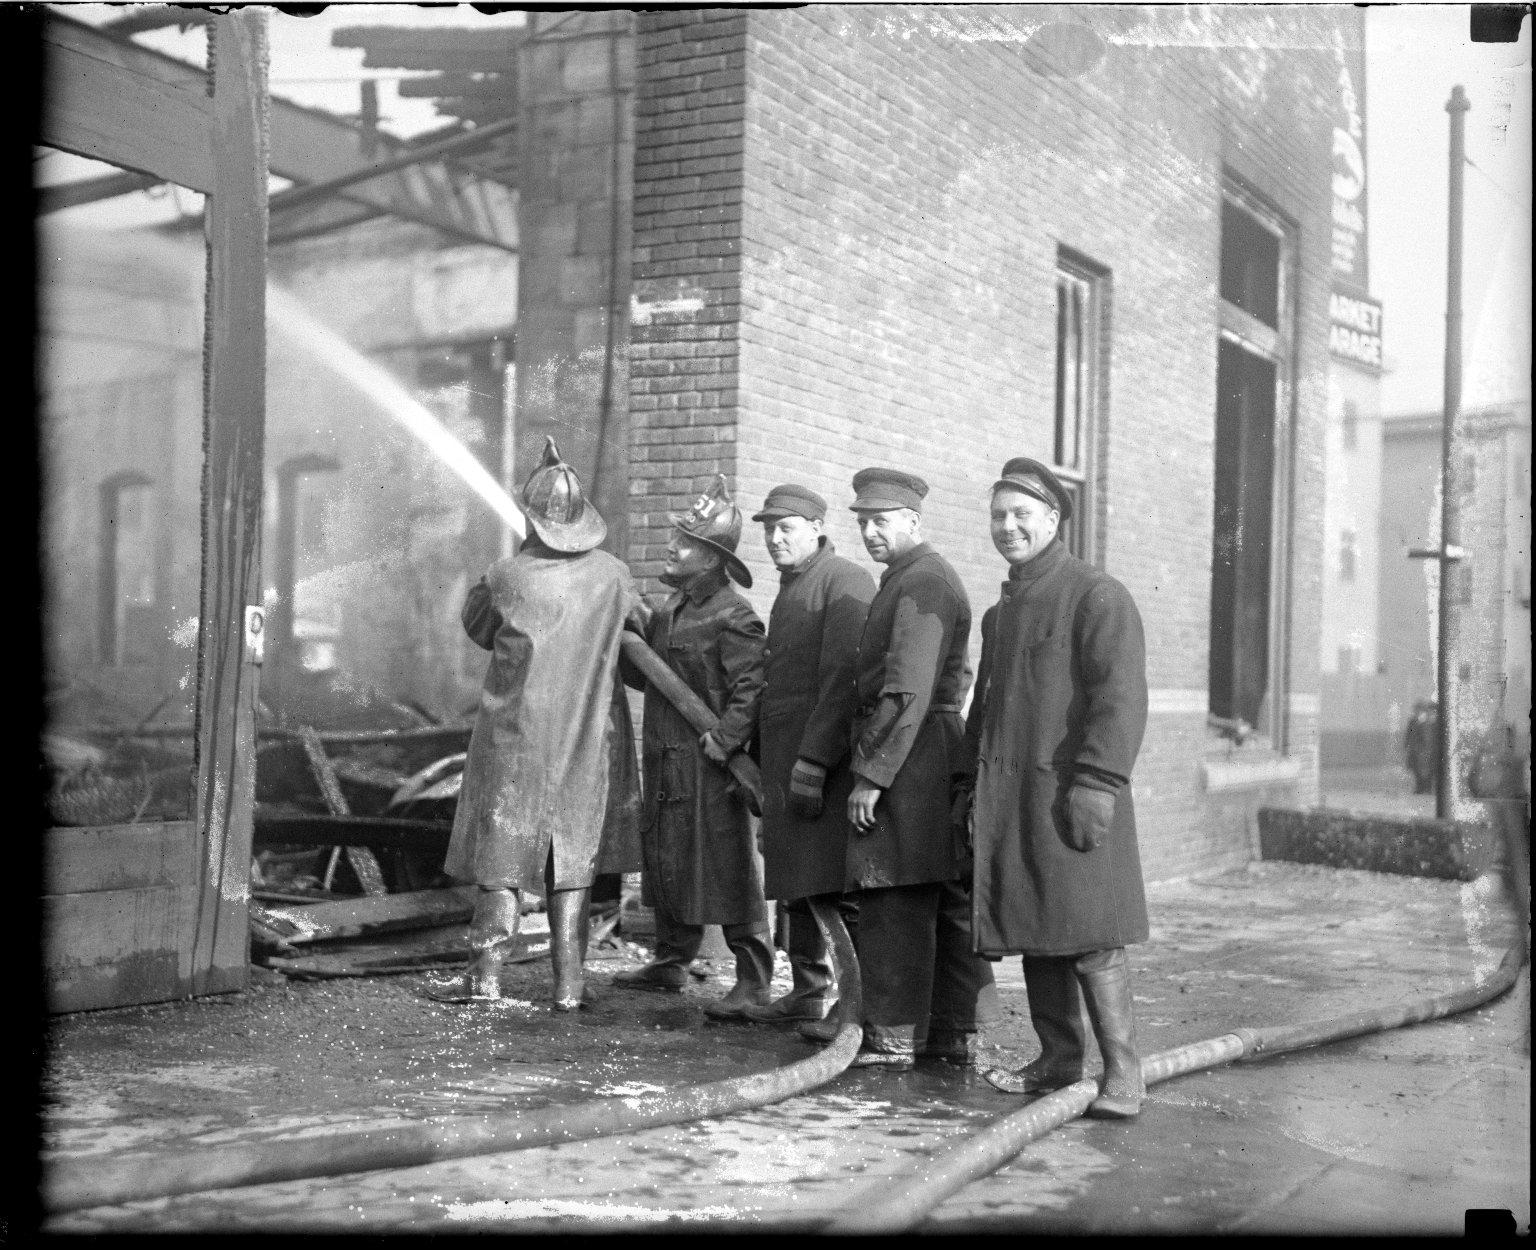 Пролив здания. Нью-Йорк, США. Начало 20 века.